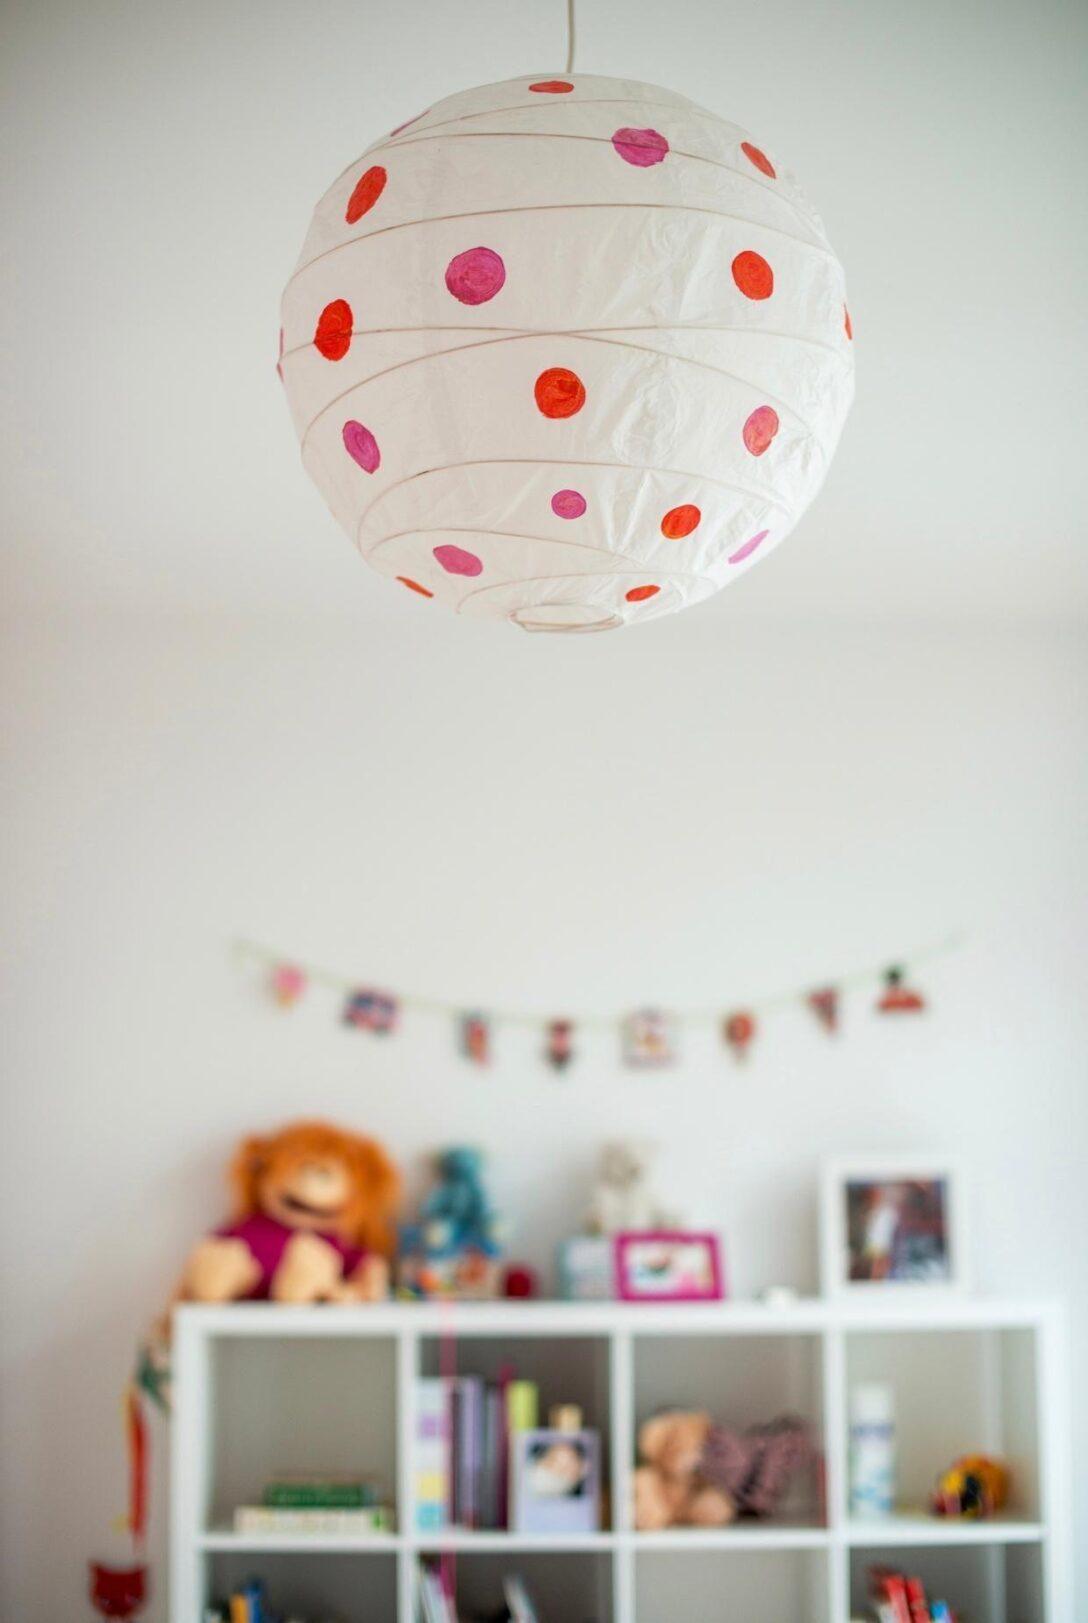 Large Size of Lampen Für Kinderzimmer Happy Dots Lampe Diy Mdchenzimm Folie Fenster Boden Badezimmer Stehlampen Wohnzimmer Sofa Esstisch Led Deckenlampen Sichtschutzfolien Kinderzimmer Lampen Für Kinderzimmer